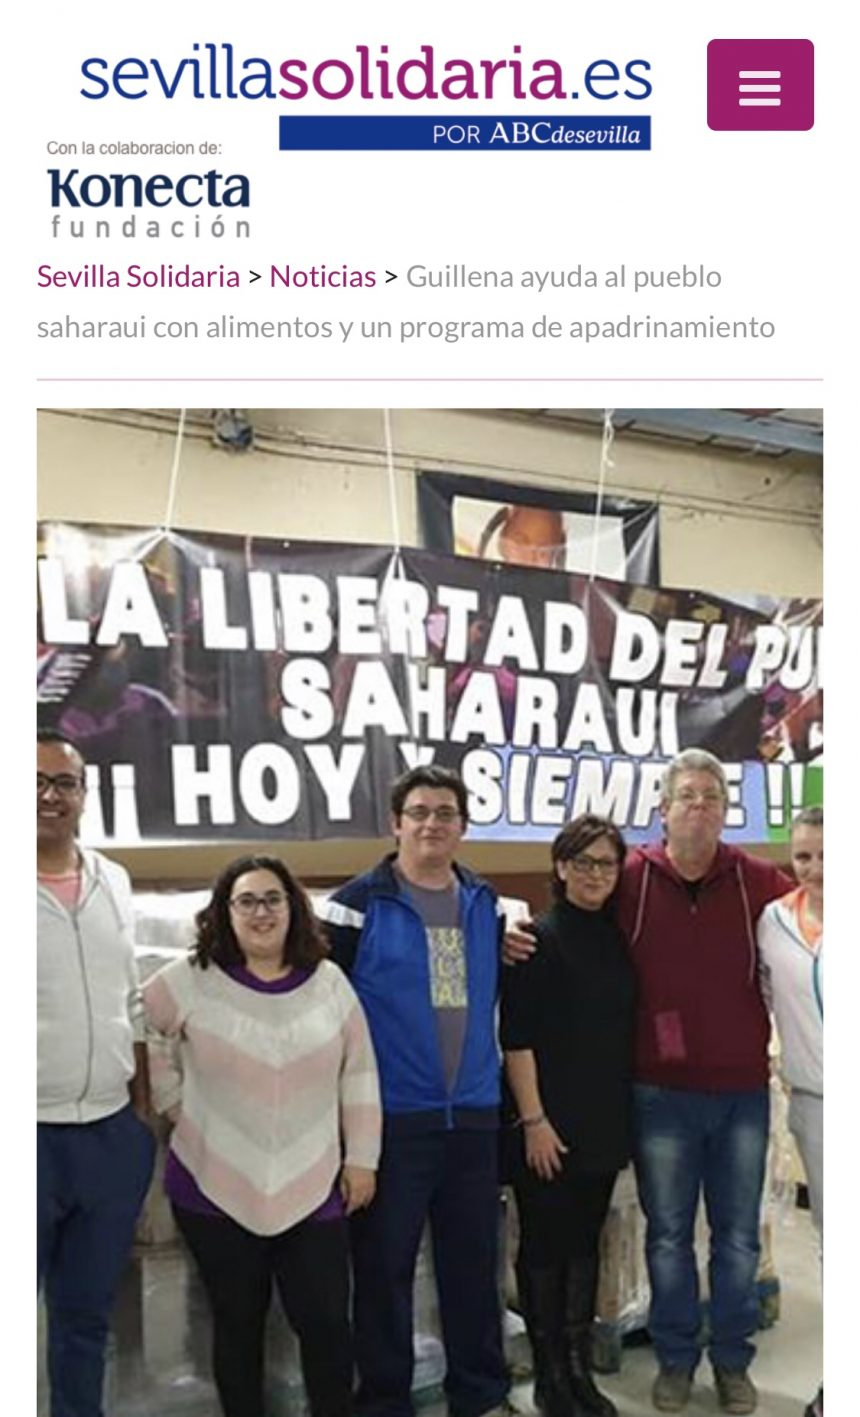 Guillena ayuda al pueblo saharaui con alimentos y un programa de apadrinamiento • Sevilla Solidaria